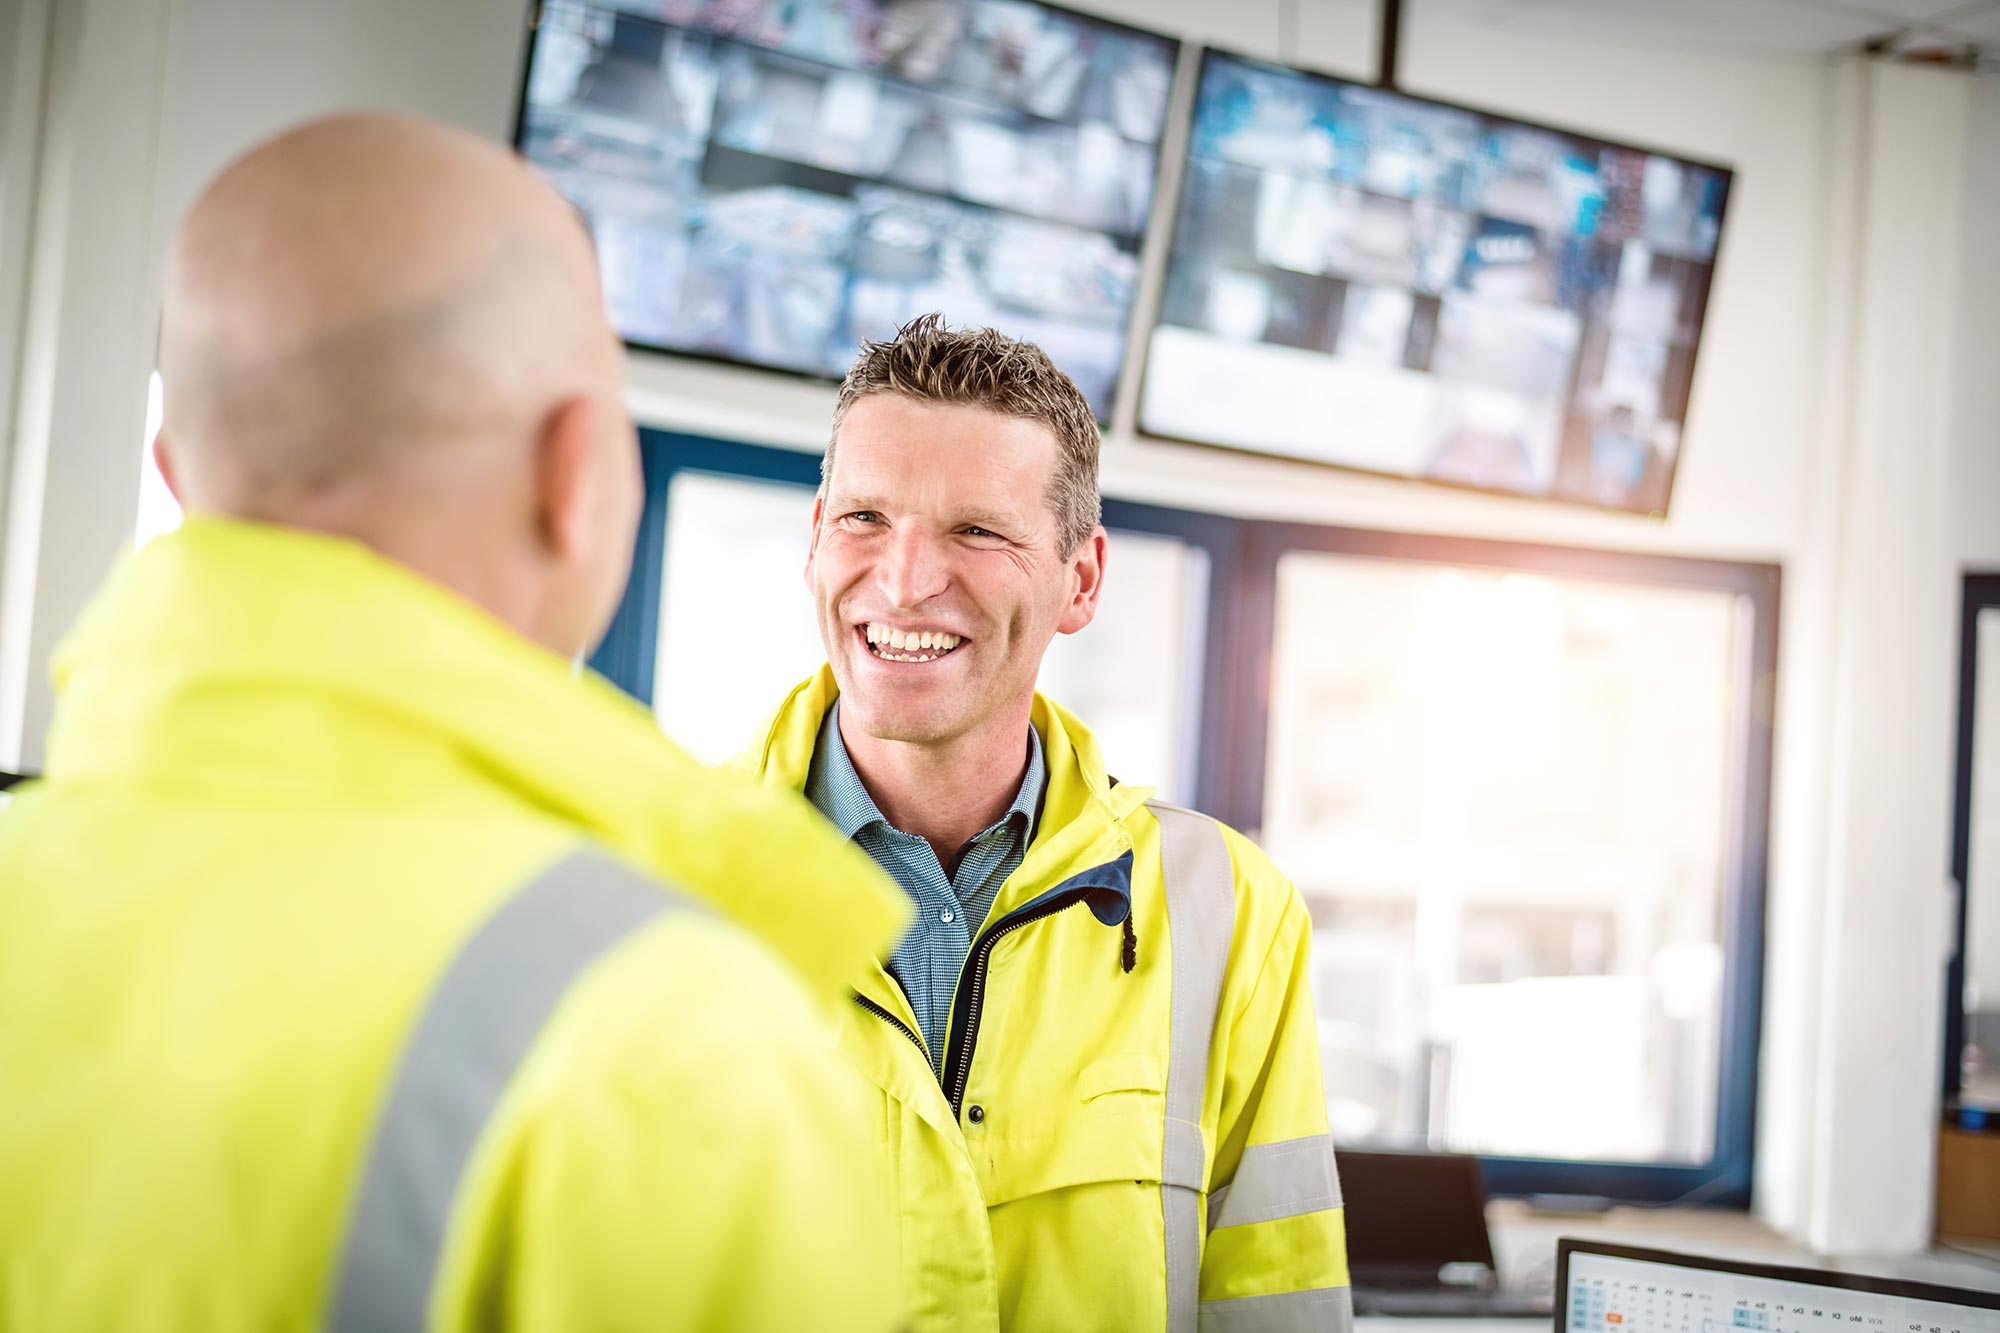 Talke Logistics Mitarbeiter Motive Sicherheitsleute im Gespräch in Kontrollraum auf Betriebshof lachend freundlich professionell